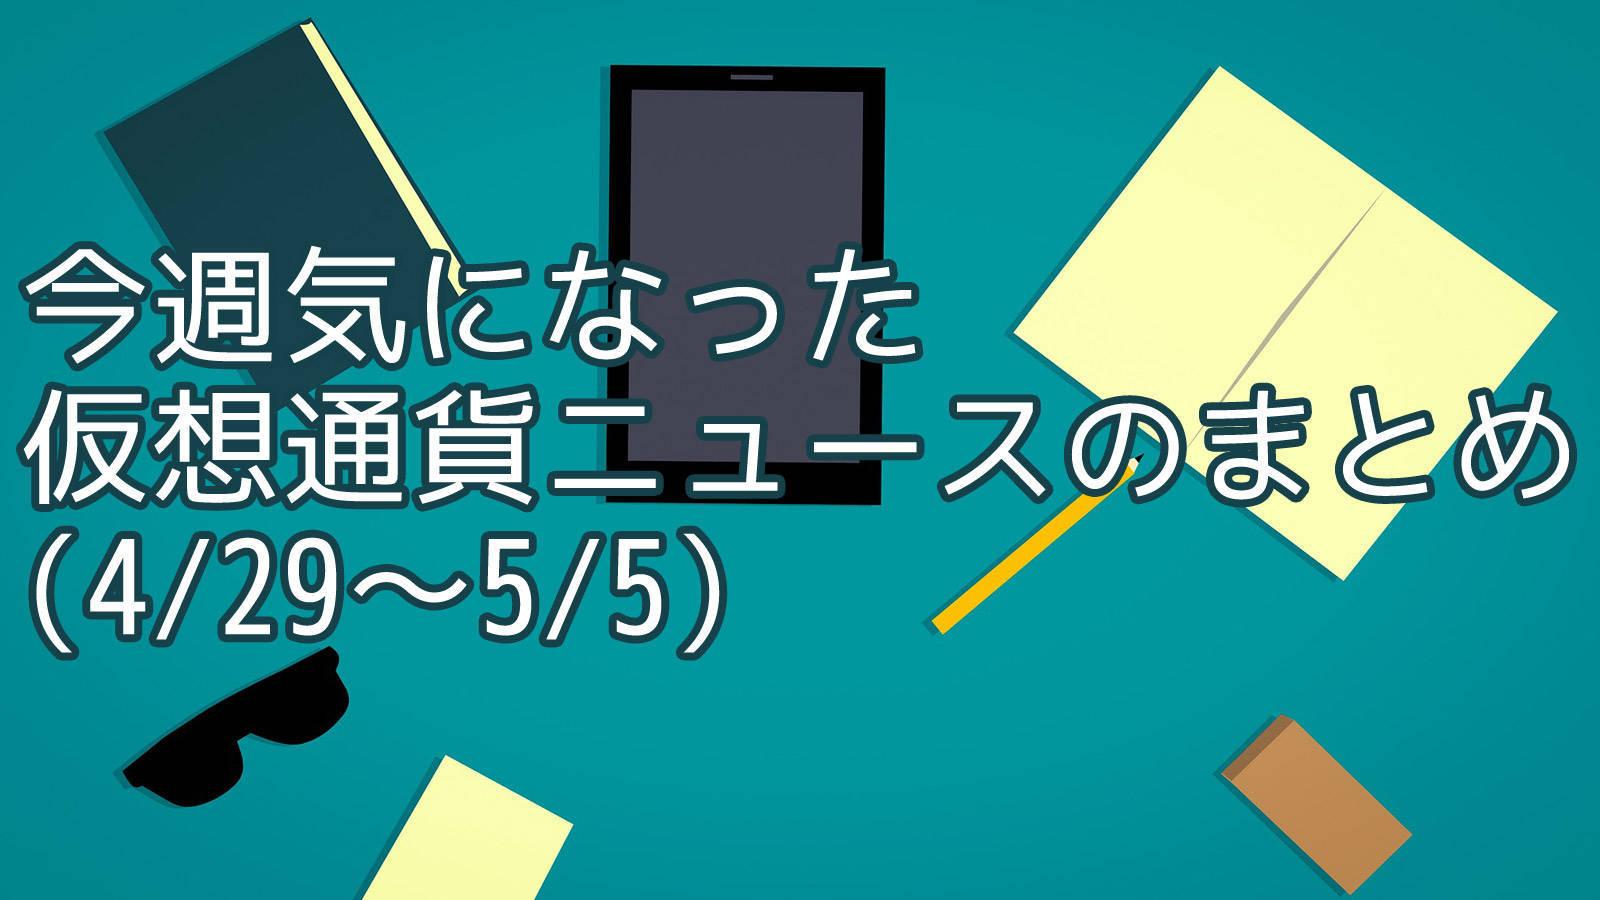 今週気になった仮想通貨ニュースのまとめ (4/29〜5/5)